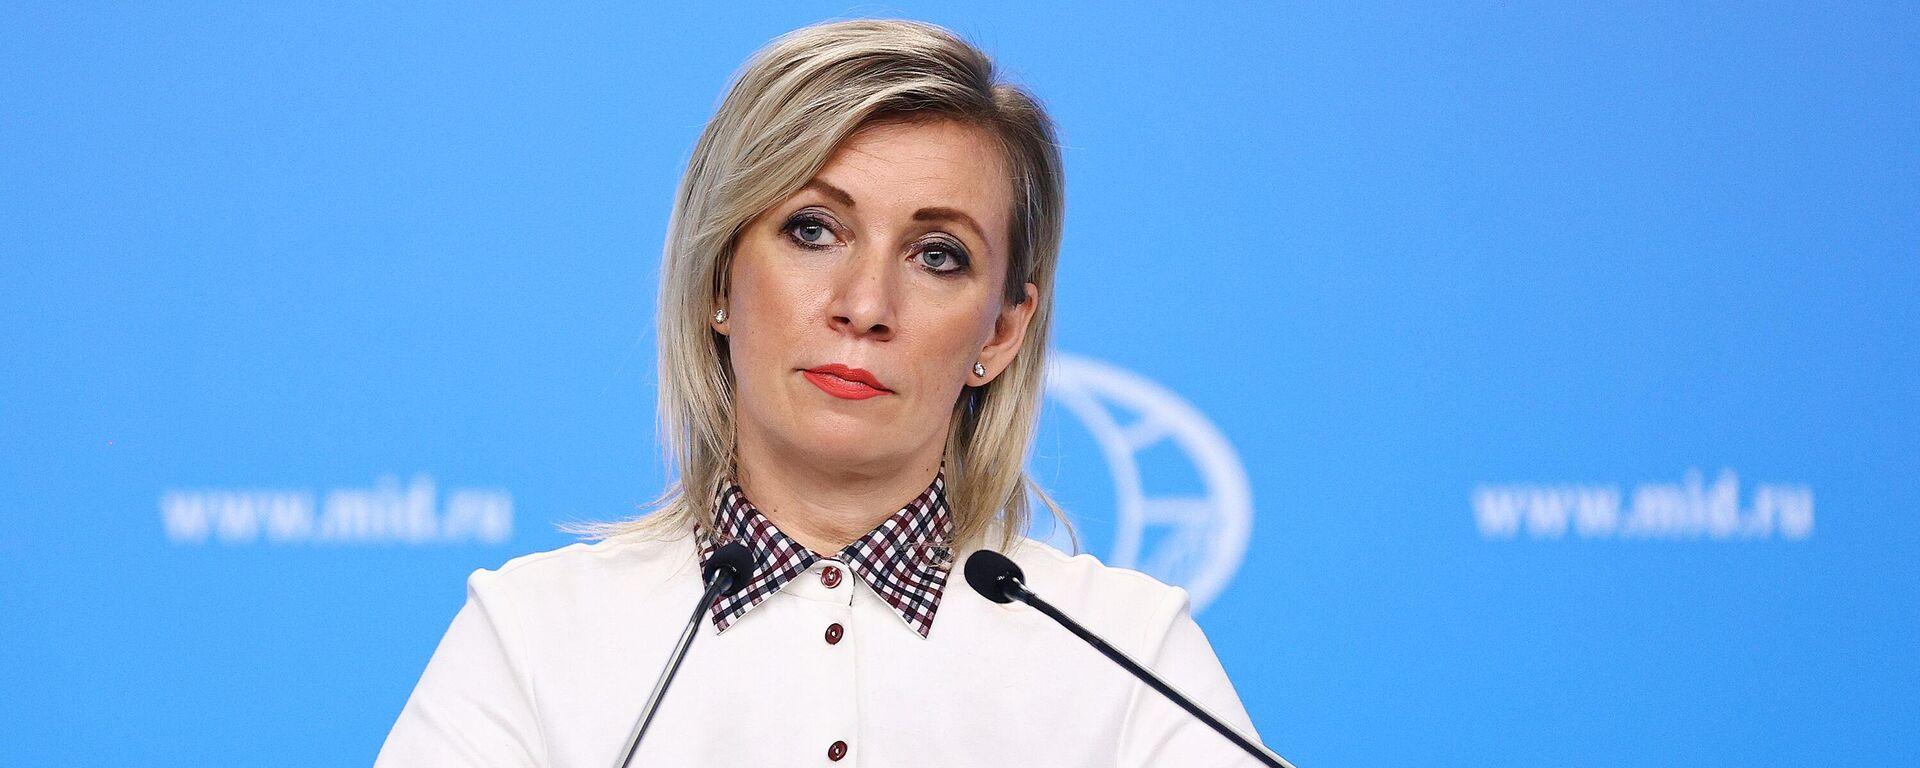 María Zajárova, portavoz del Ministerio de Asuntos Exteriores de Rusia - Sputnik Mundo, 1920, 19.02.2021